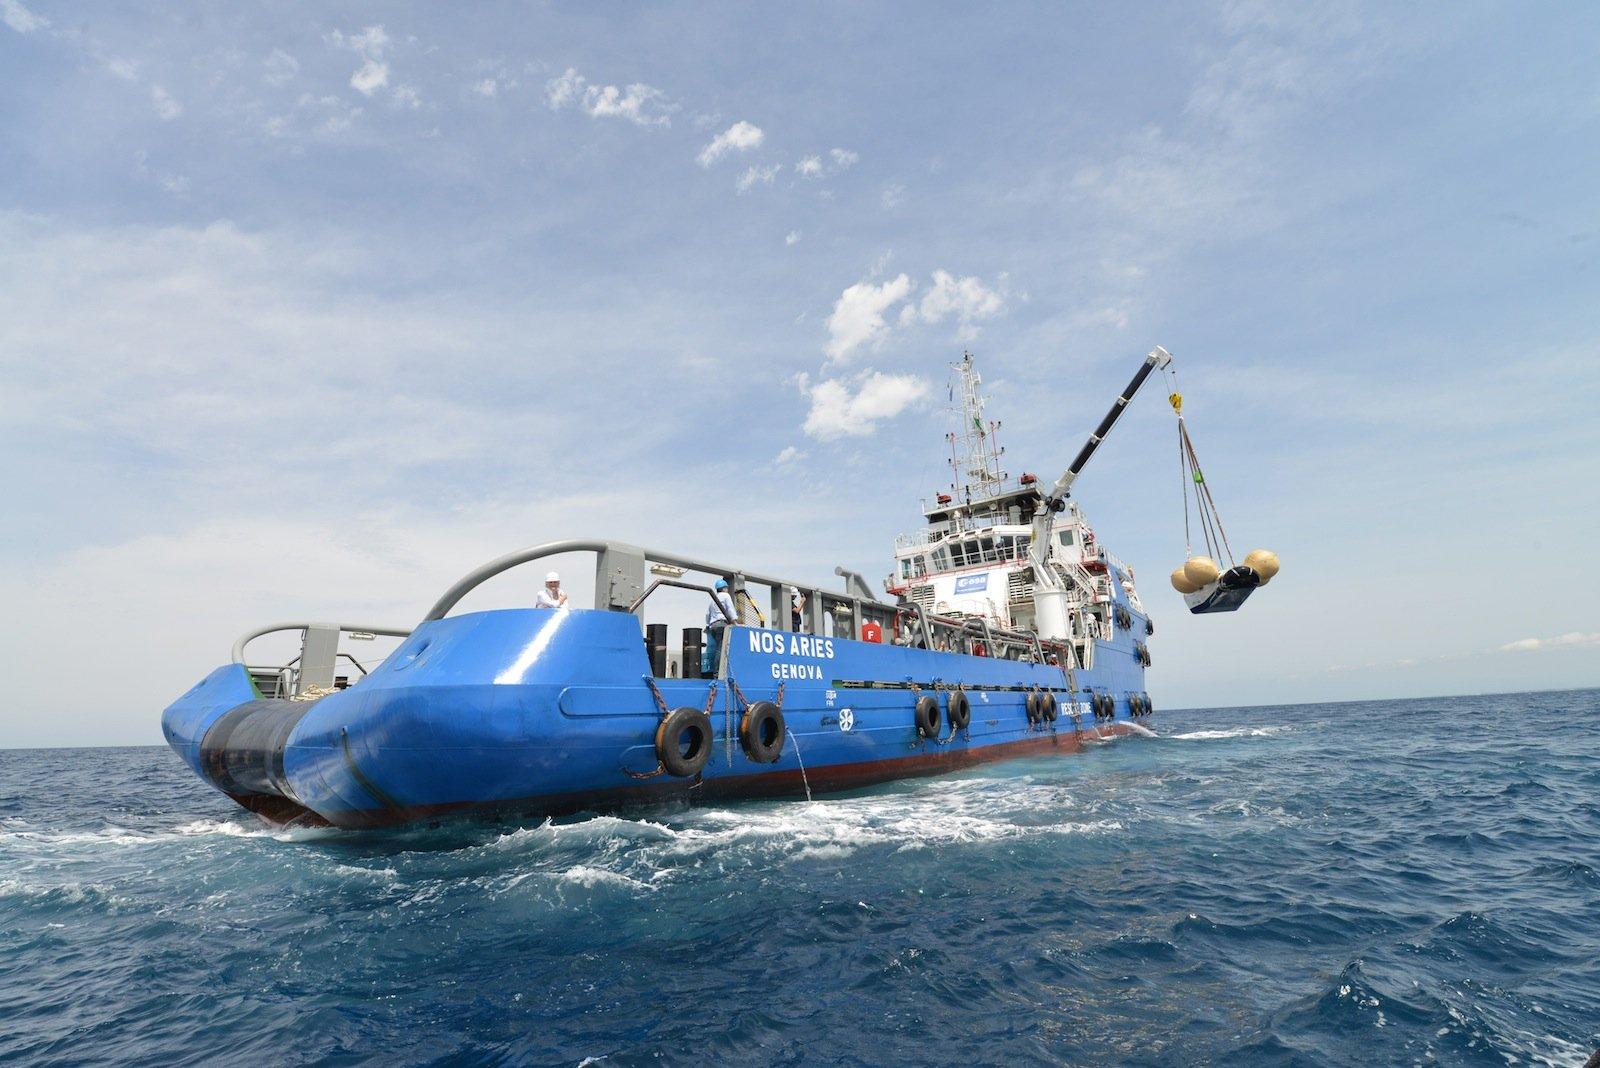 Die Aufnahme des Raumtransporters nach der Wasserung durch ein Spezialschiff wurde im Sommer vergangenen Jahres mit einem Prototypen geübt.